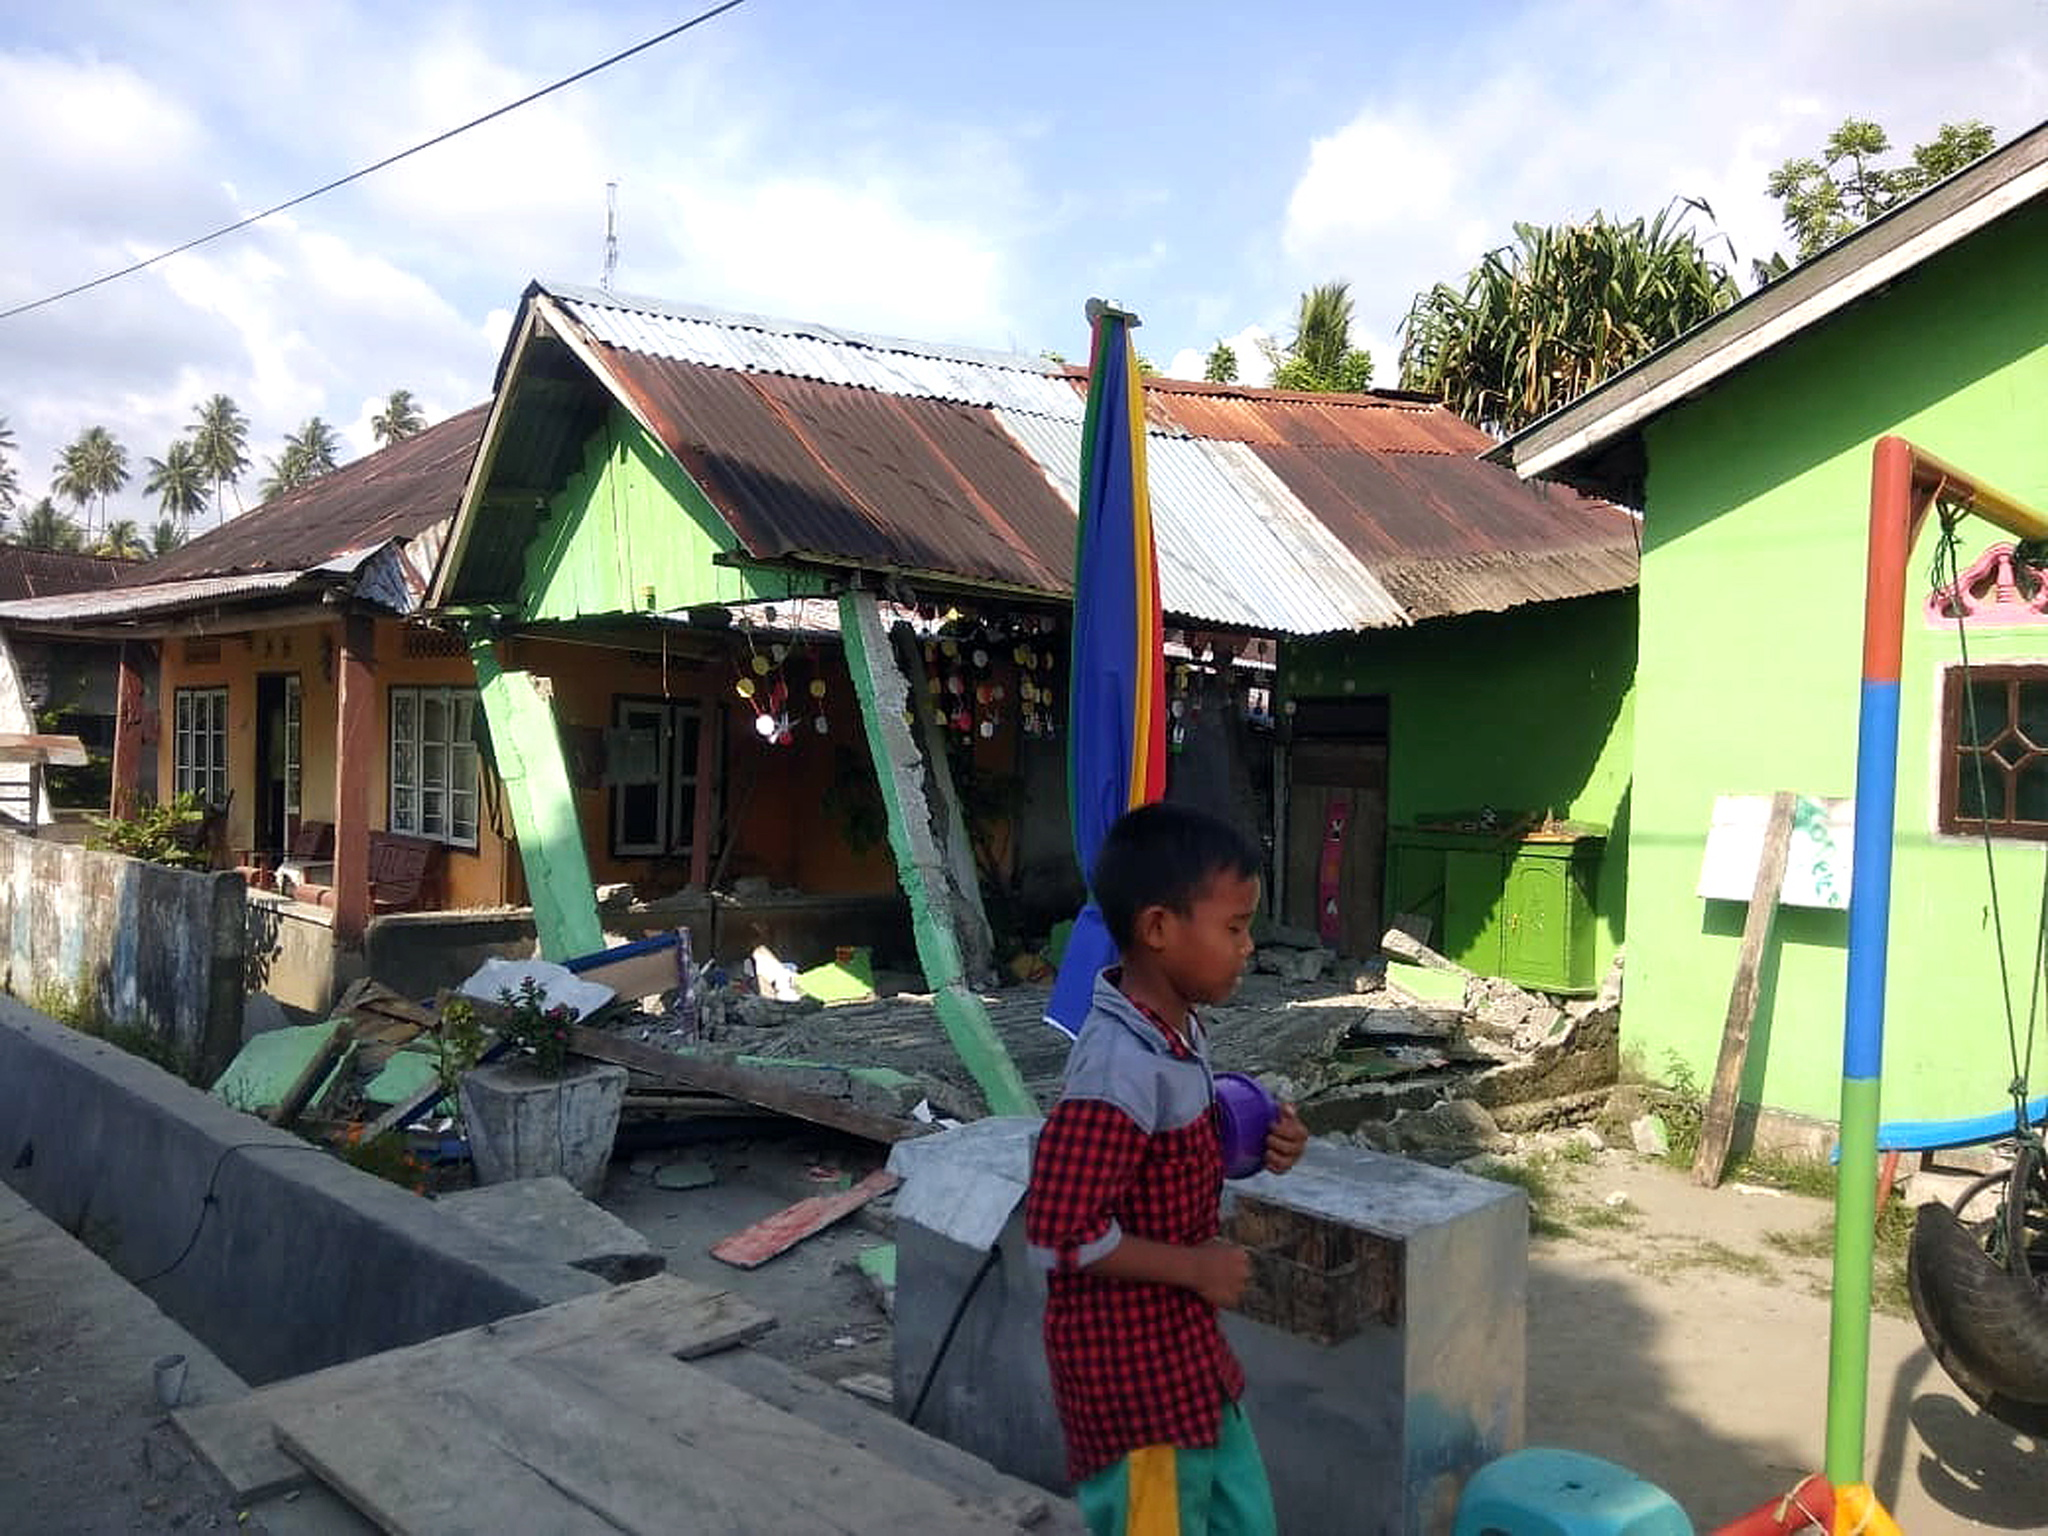 Земетресение с магнитуд 7,5 по скалата на Рихтер бе регистрирано днес край централния индонезийски остров Сулавеси. Малко по-късно местните власти издадоха предупреждение за цунами, което след това бе отменено. Приливна вълна с височина 2 метра обаче заля крайбрежието на провинциите Западно Сулавеси и Централно Сулавеси.